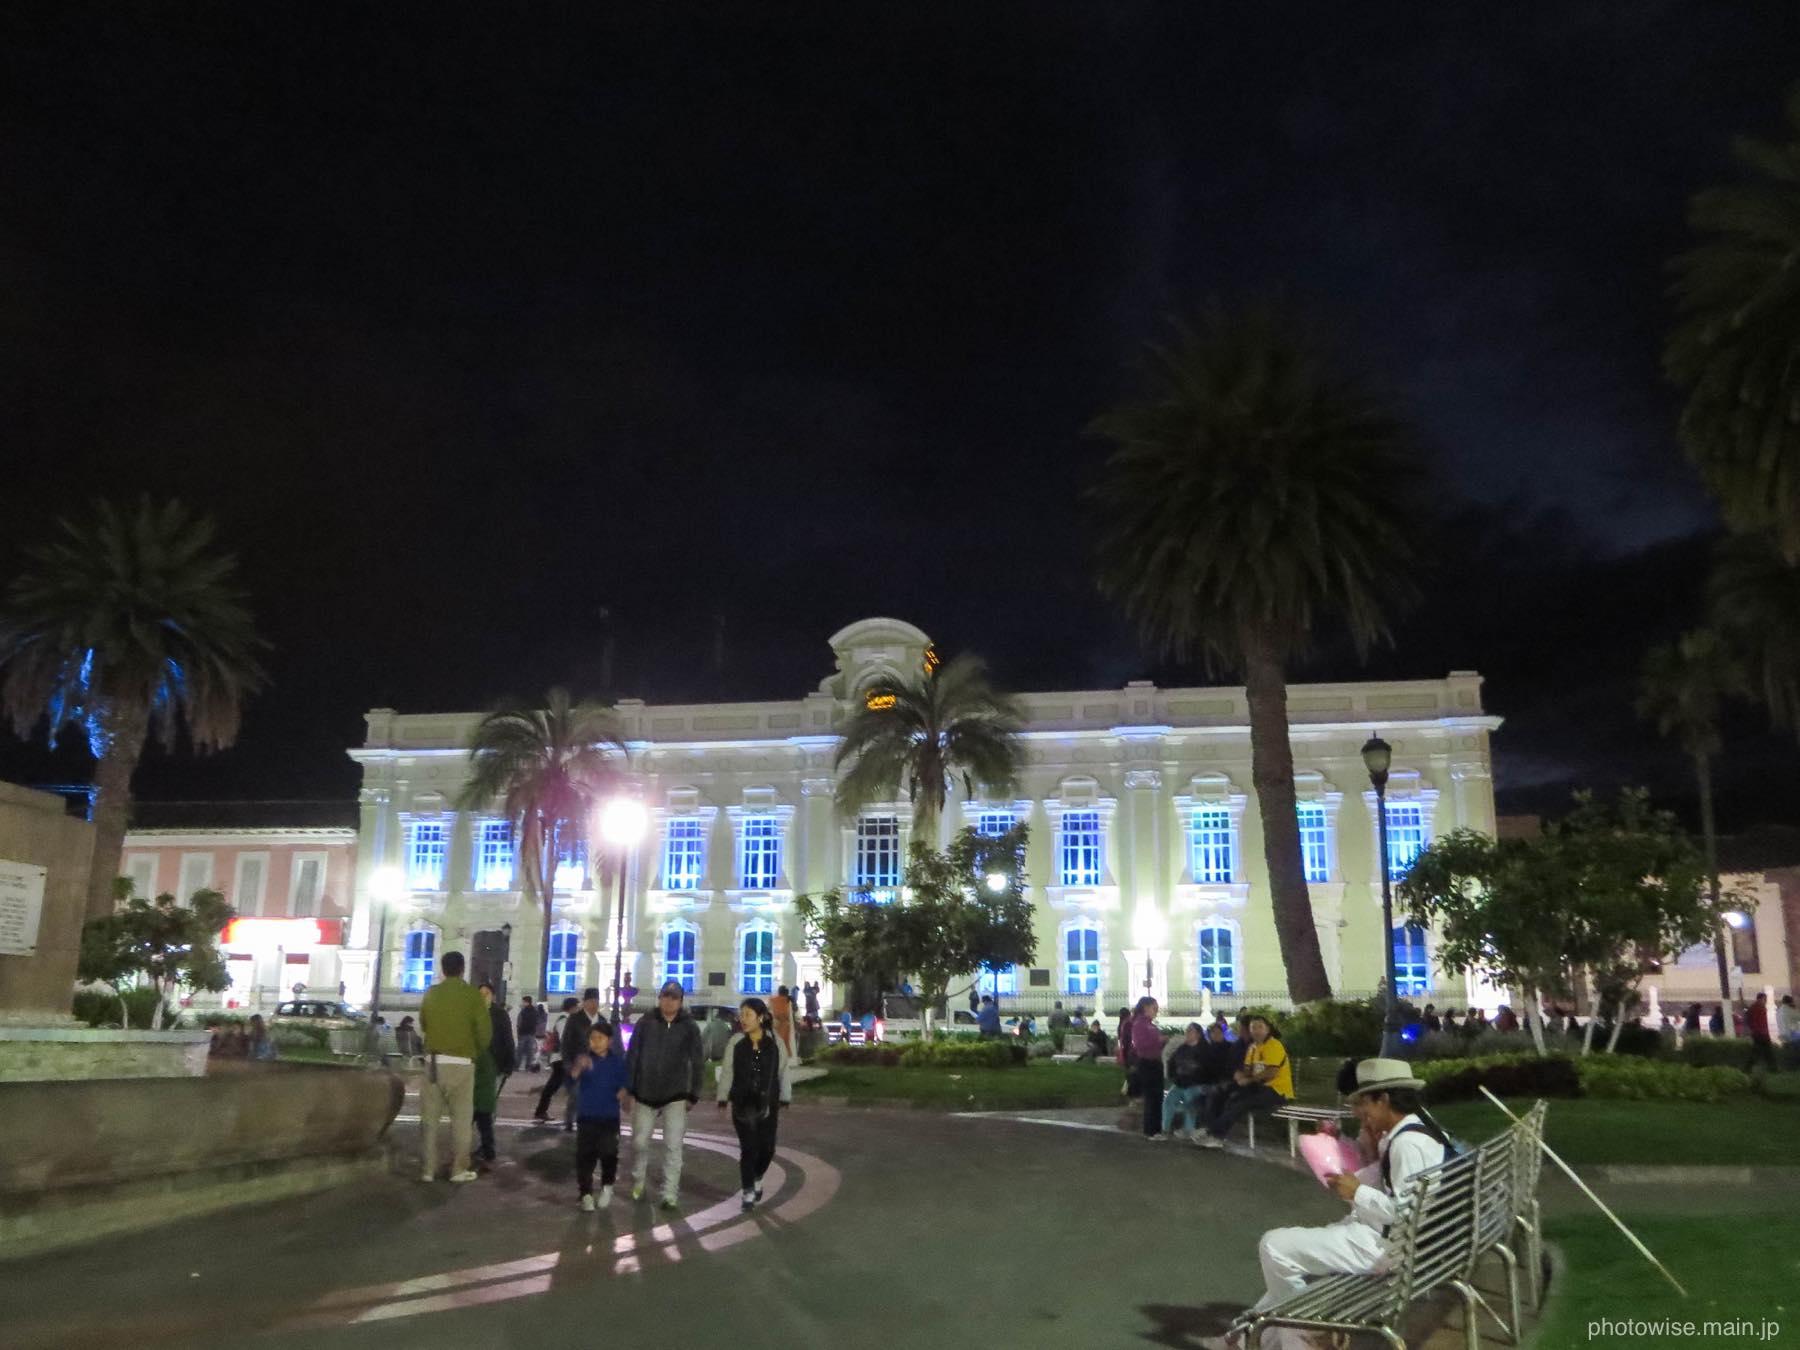 シモンボリバル広場